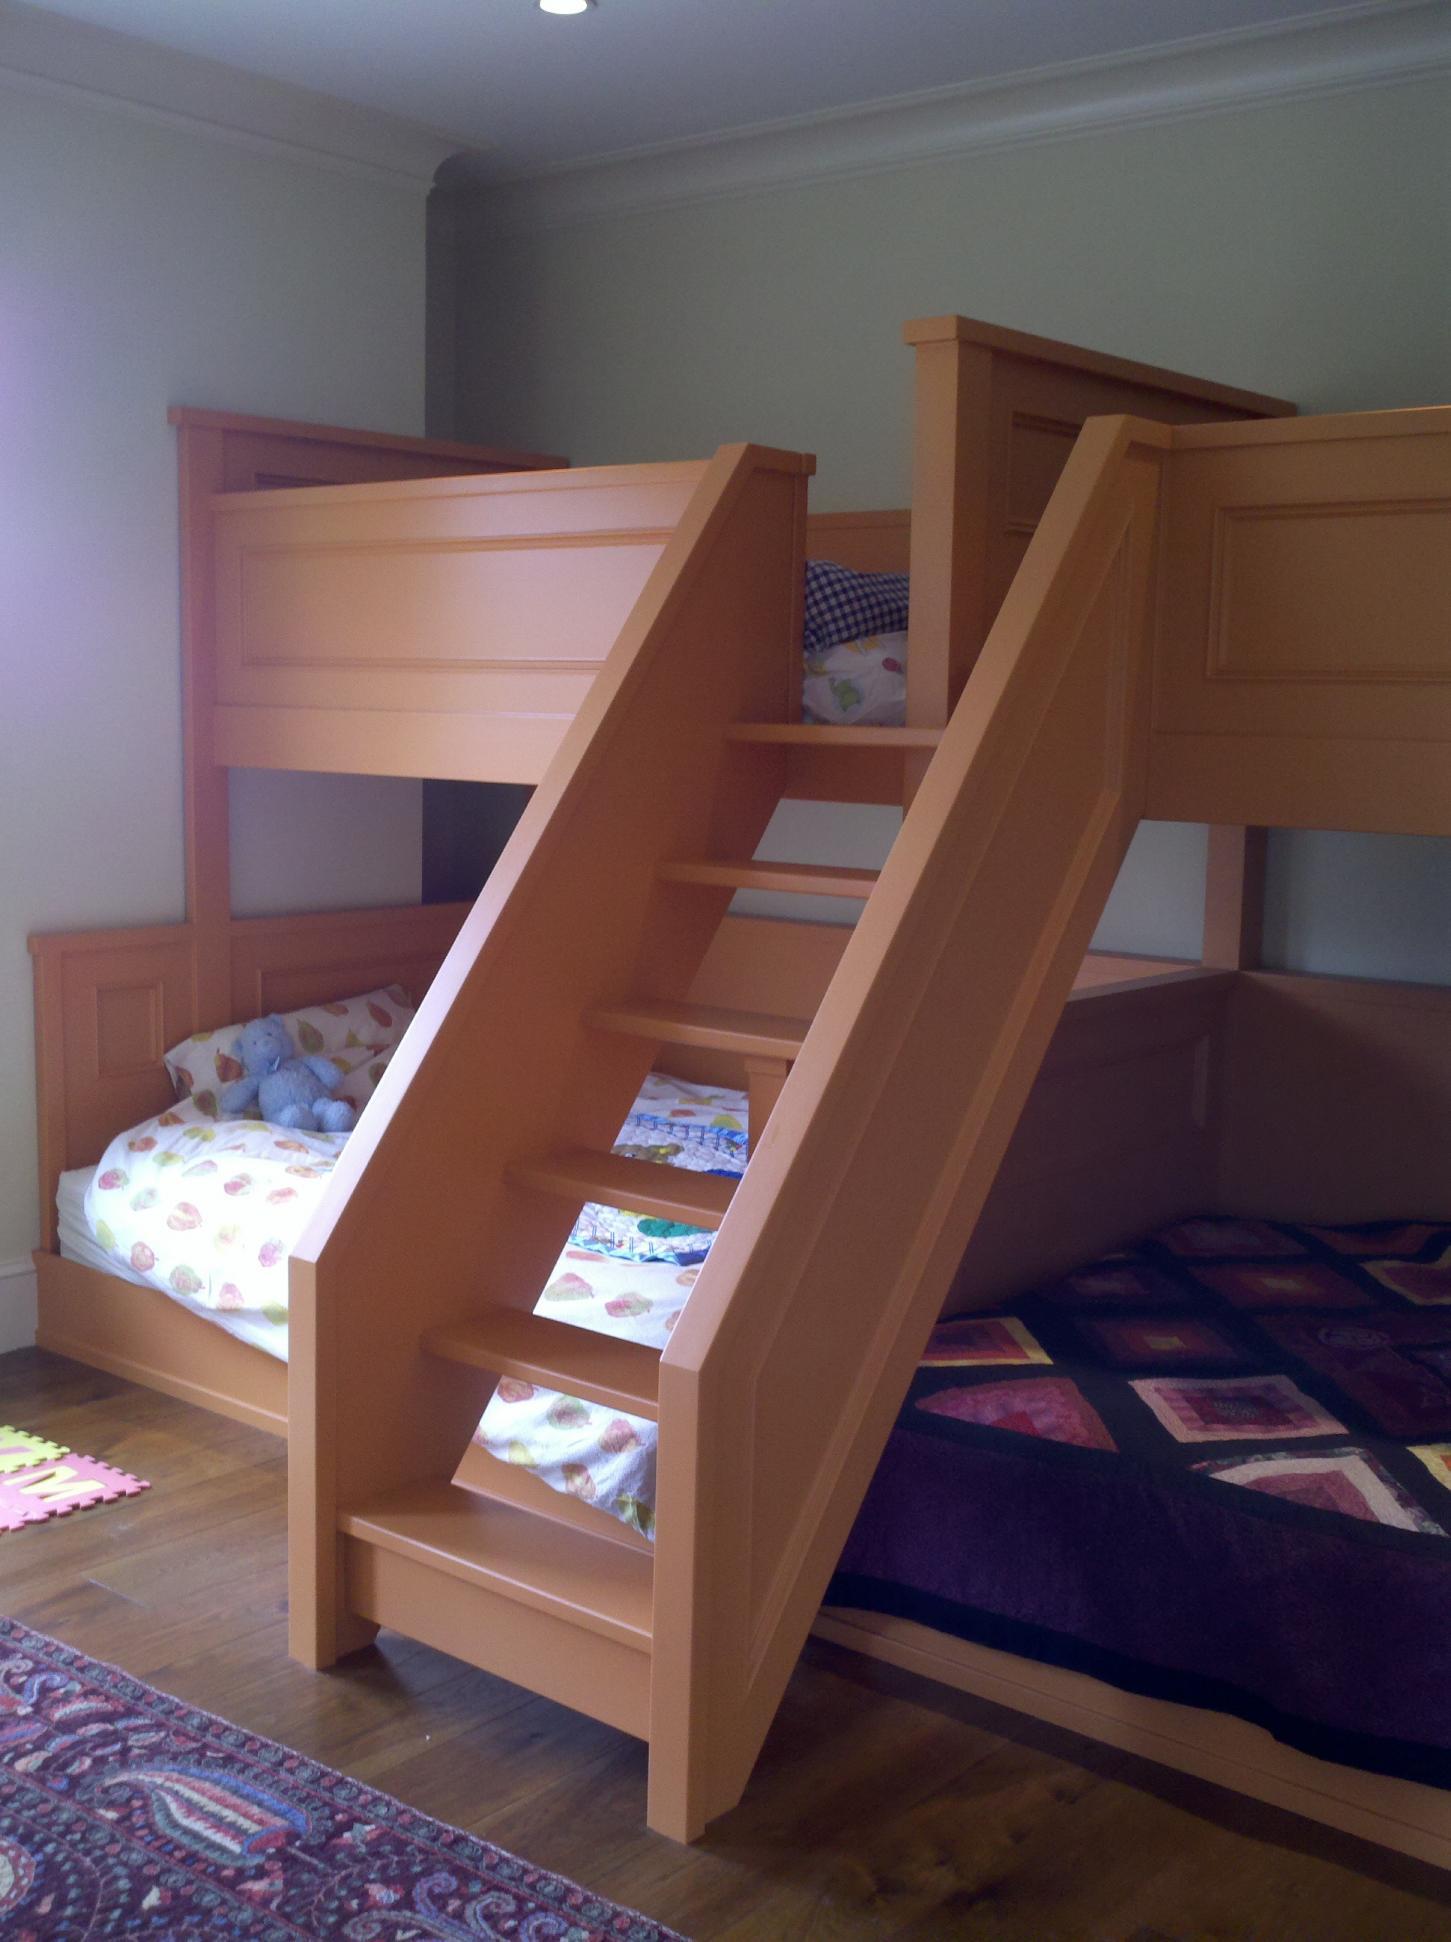 Quadruple Bunk Bed Plans Re: pair of quad bunk beds